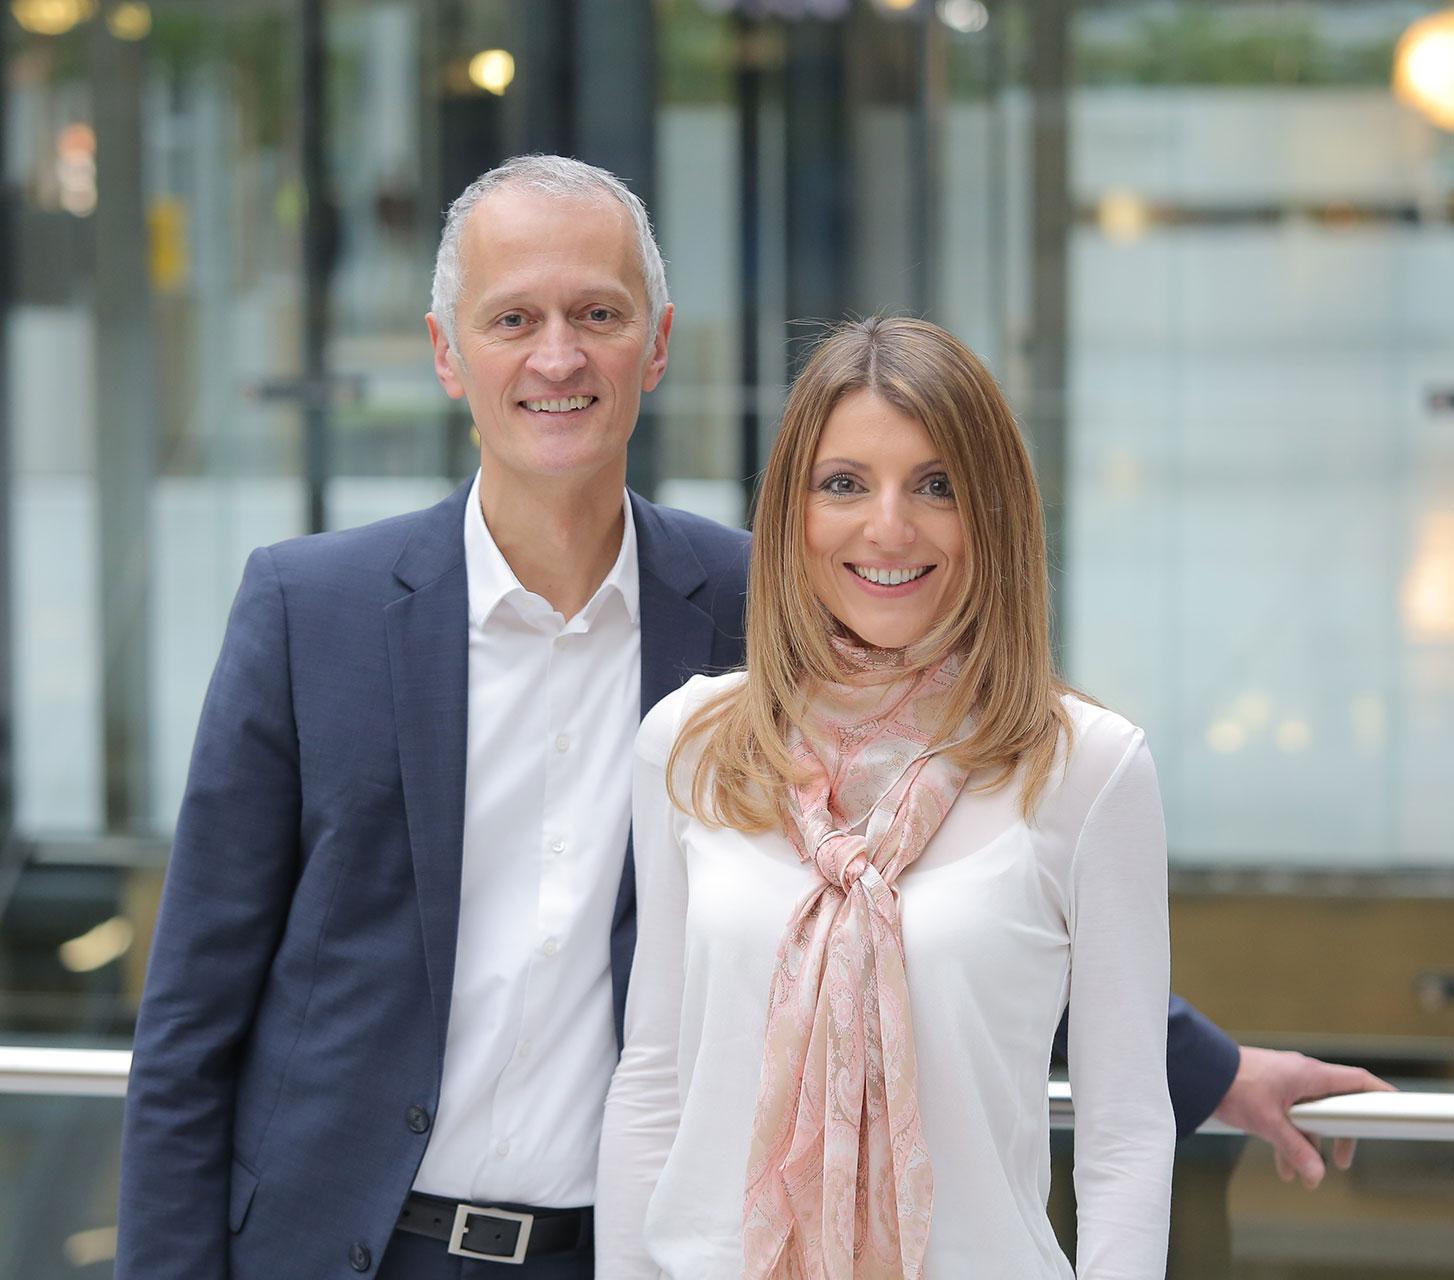 Doppelspitze: Gerald Banze und Melanie Vogelbacher  werden Geschäftsführer von Q division